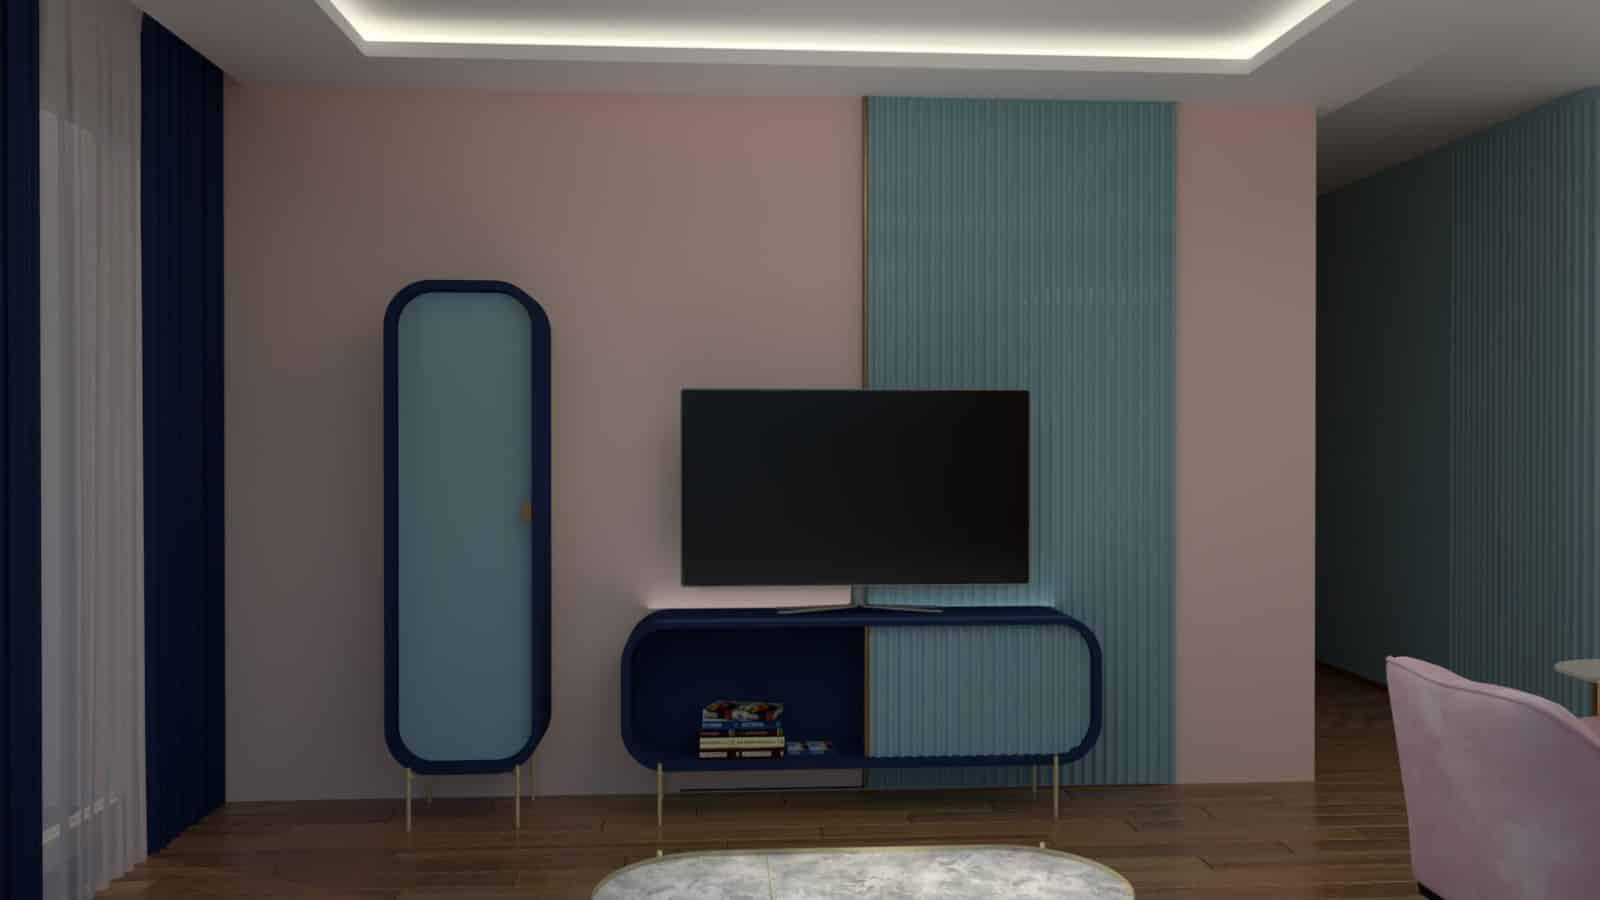 dnevna soba i kuhinja namestaj (1)